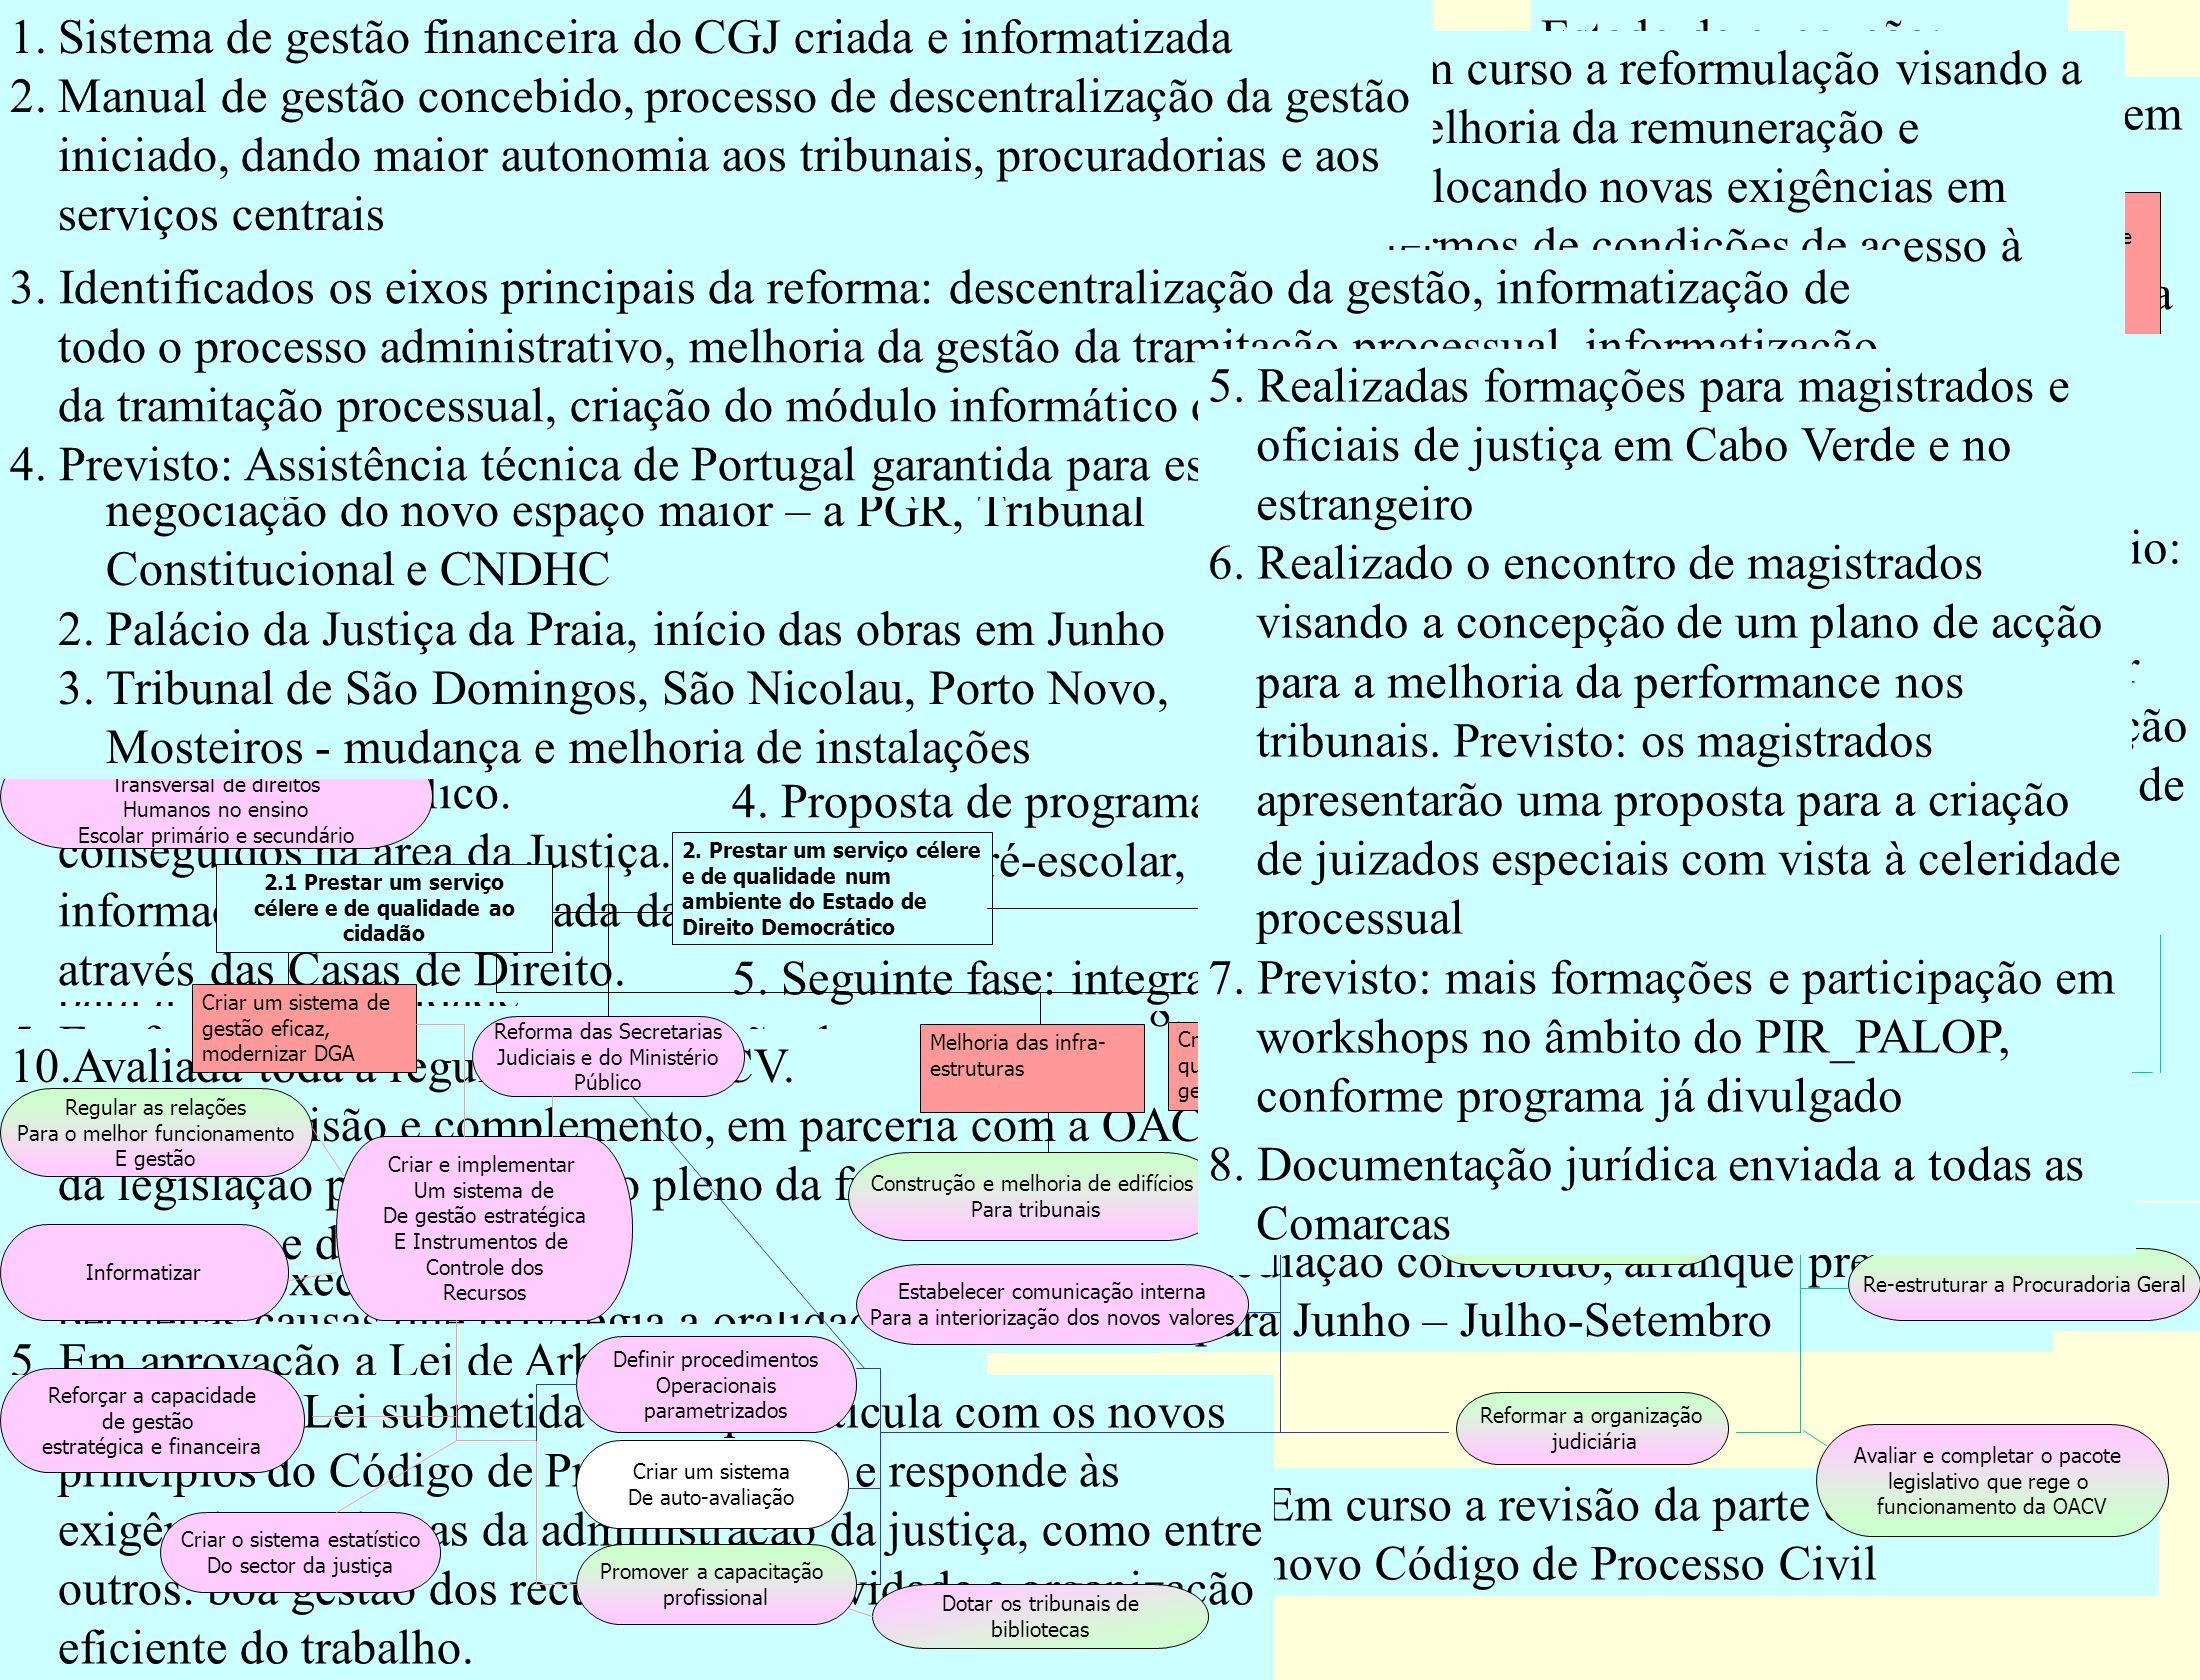 Sistema de gestão financeira do CGJ criada e informatizada